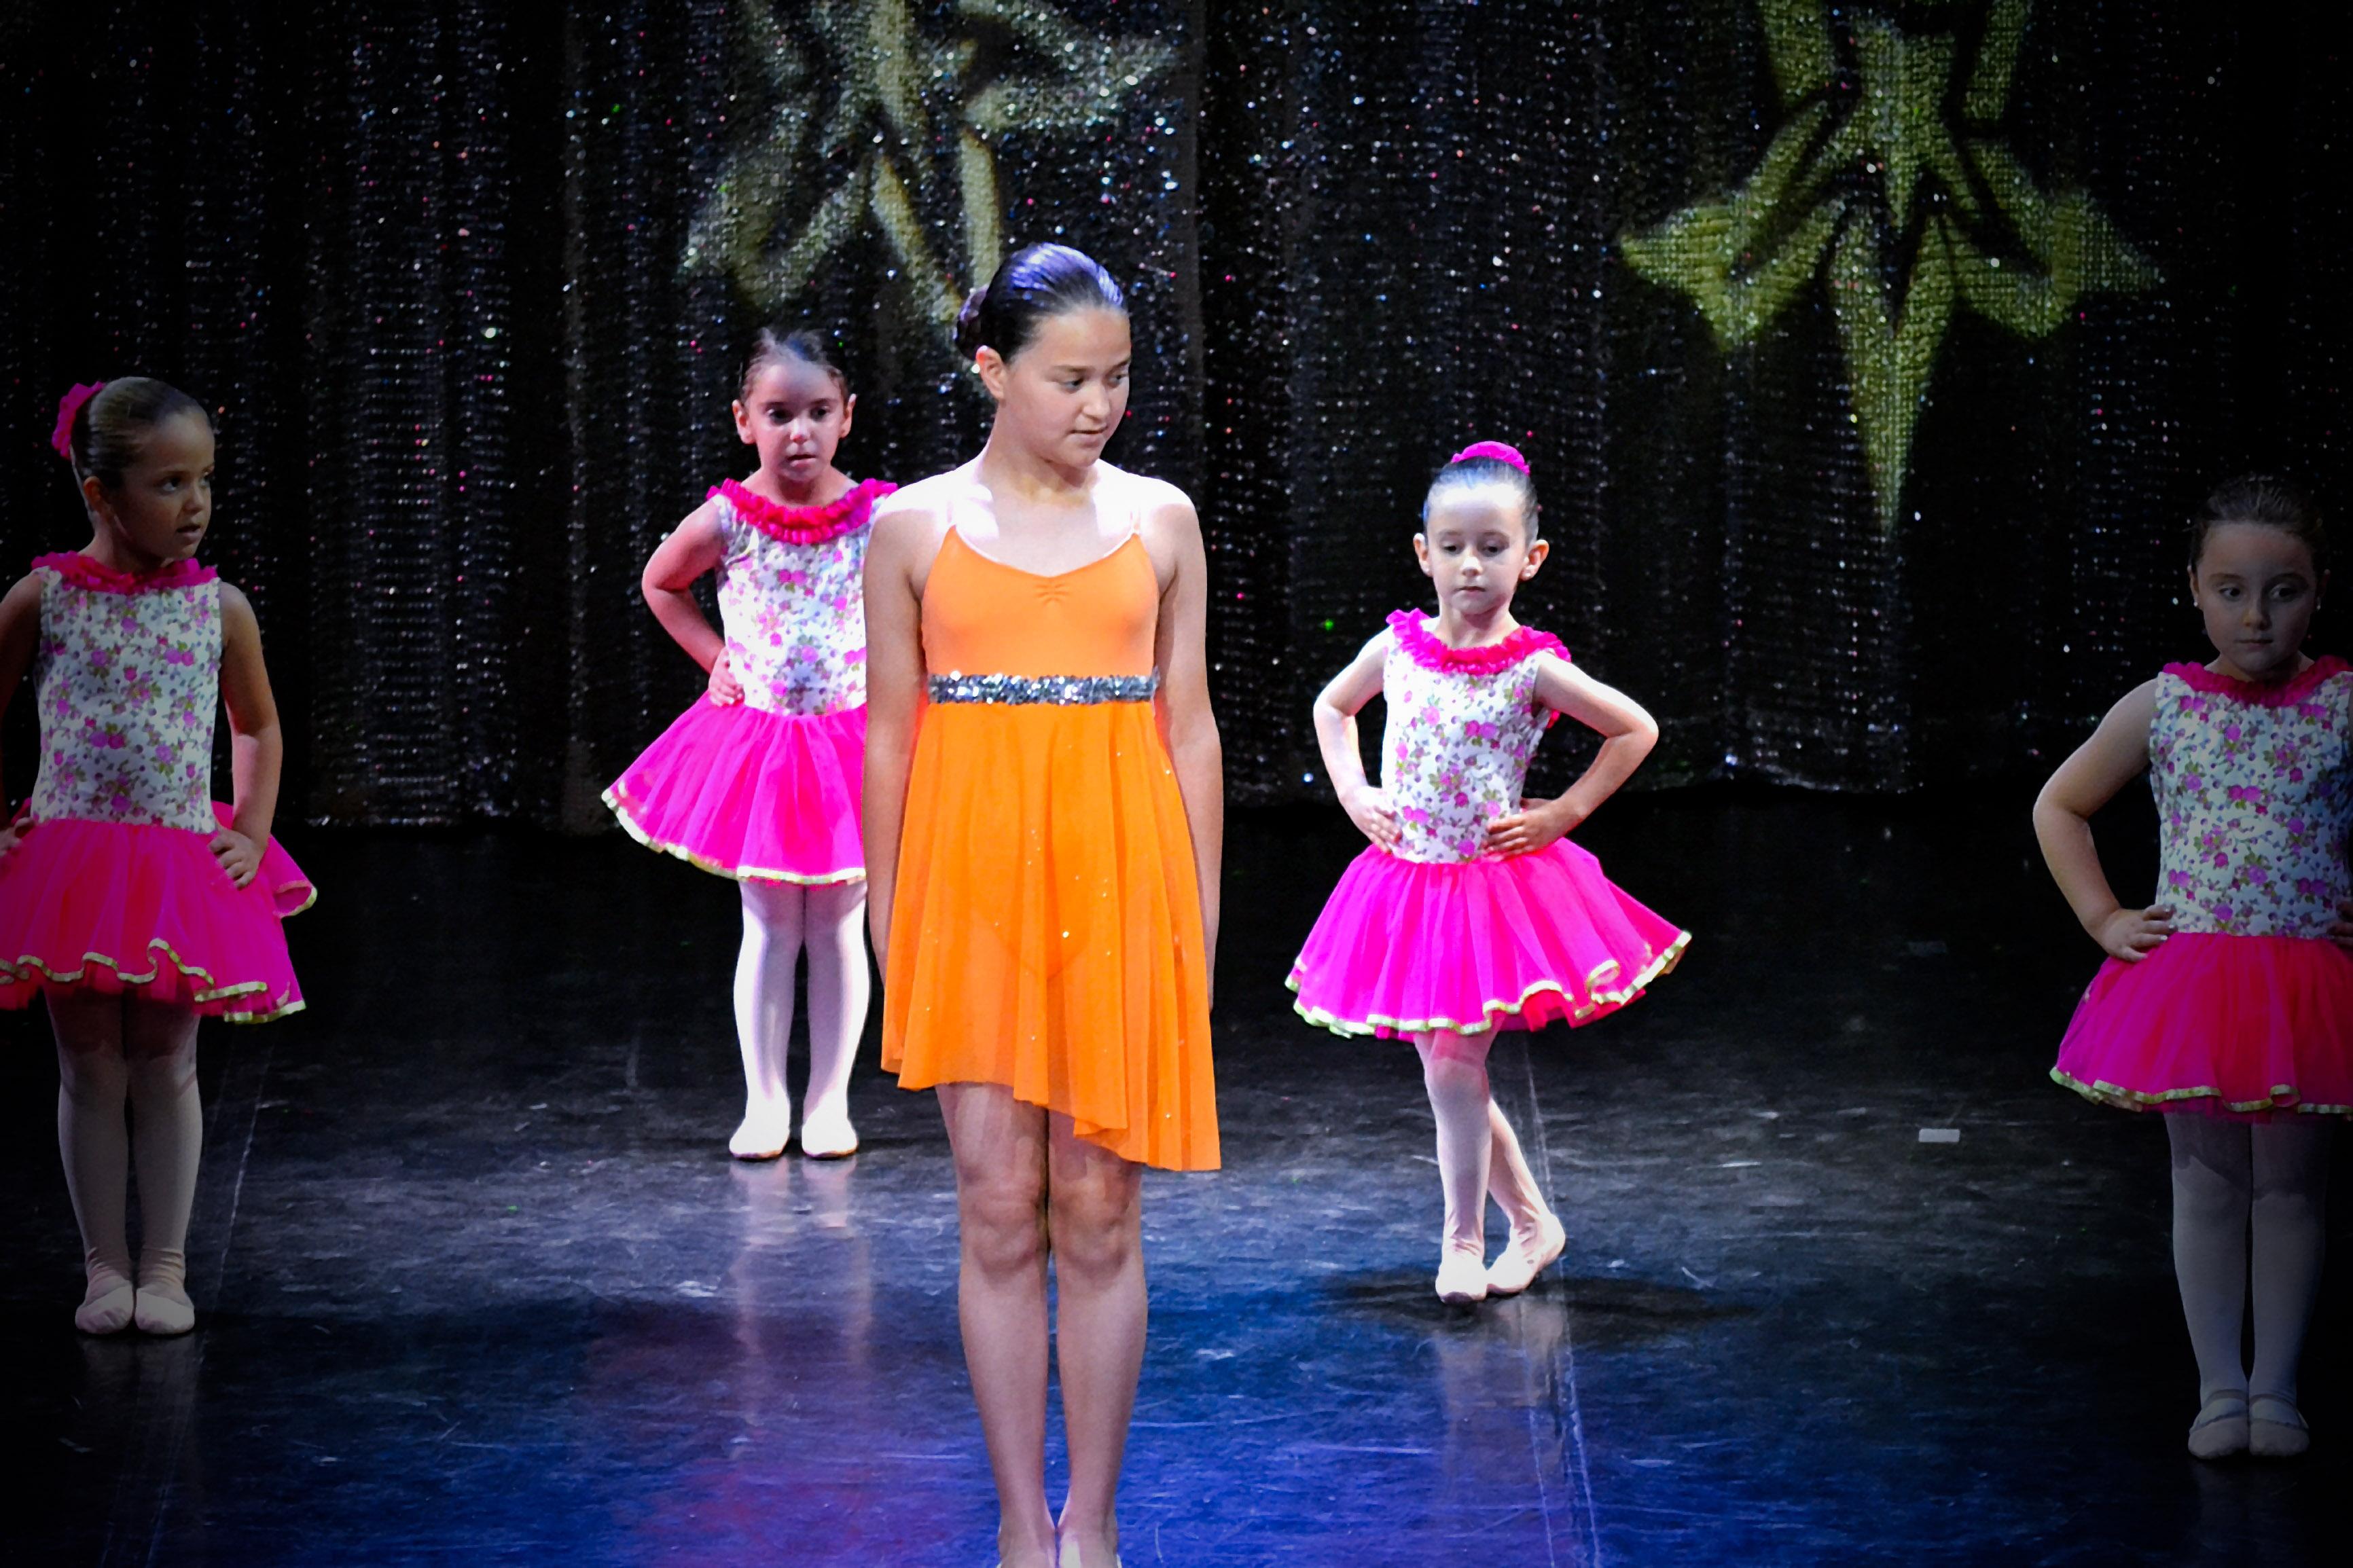 Linea-de-Baile-festival-verano-2015-clases-de-baile-valencia-127